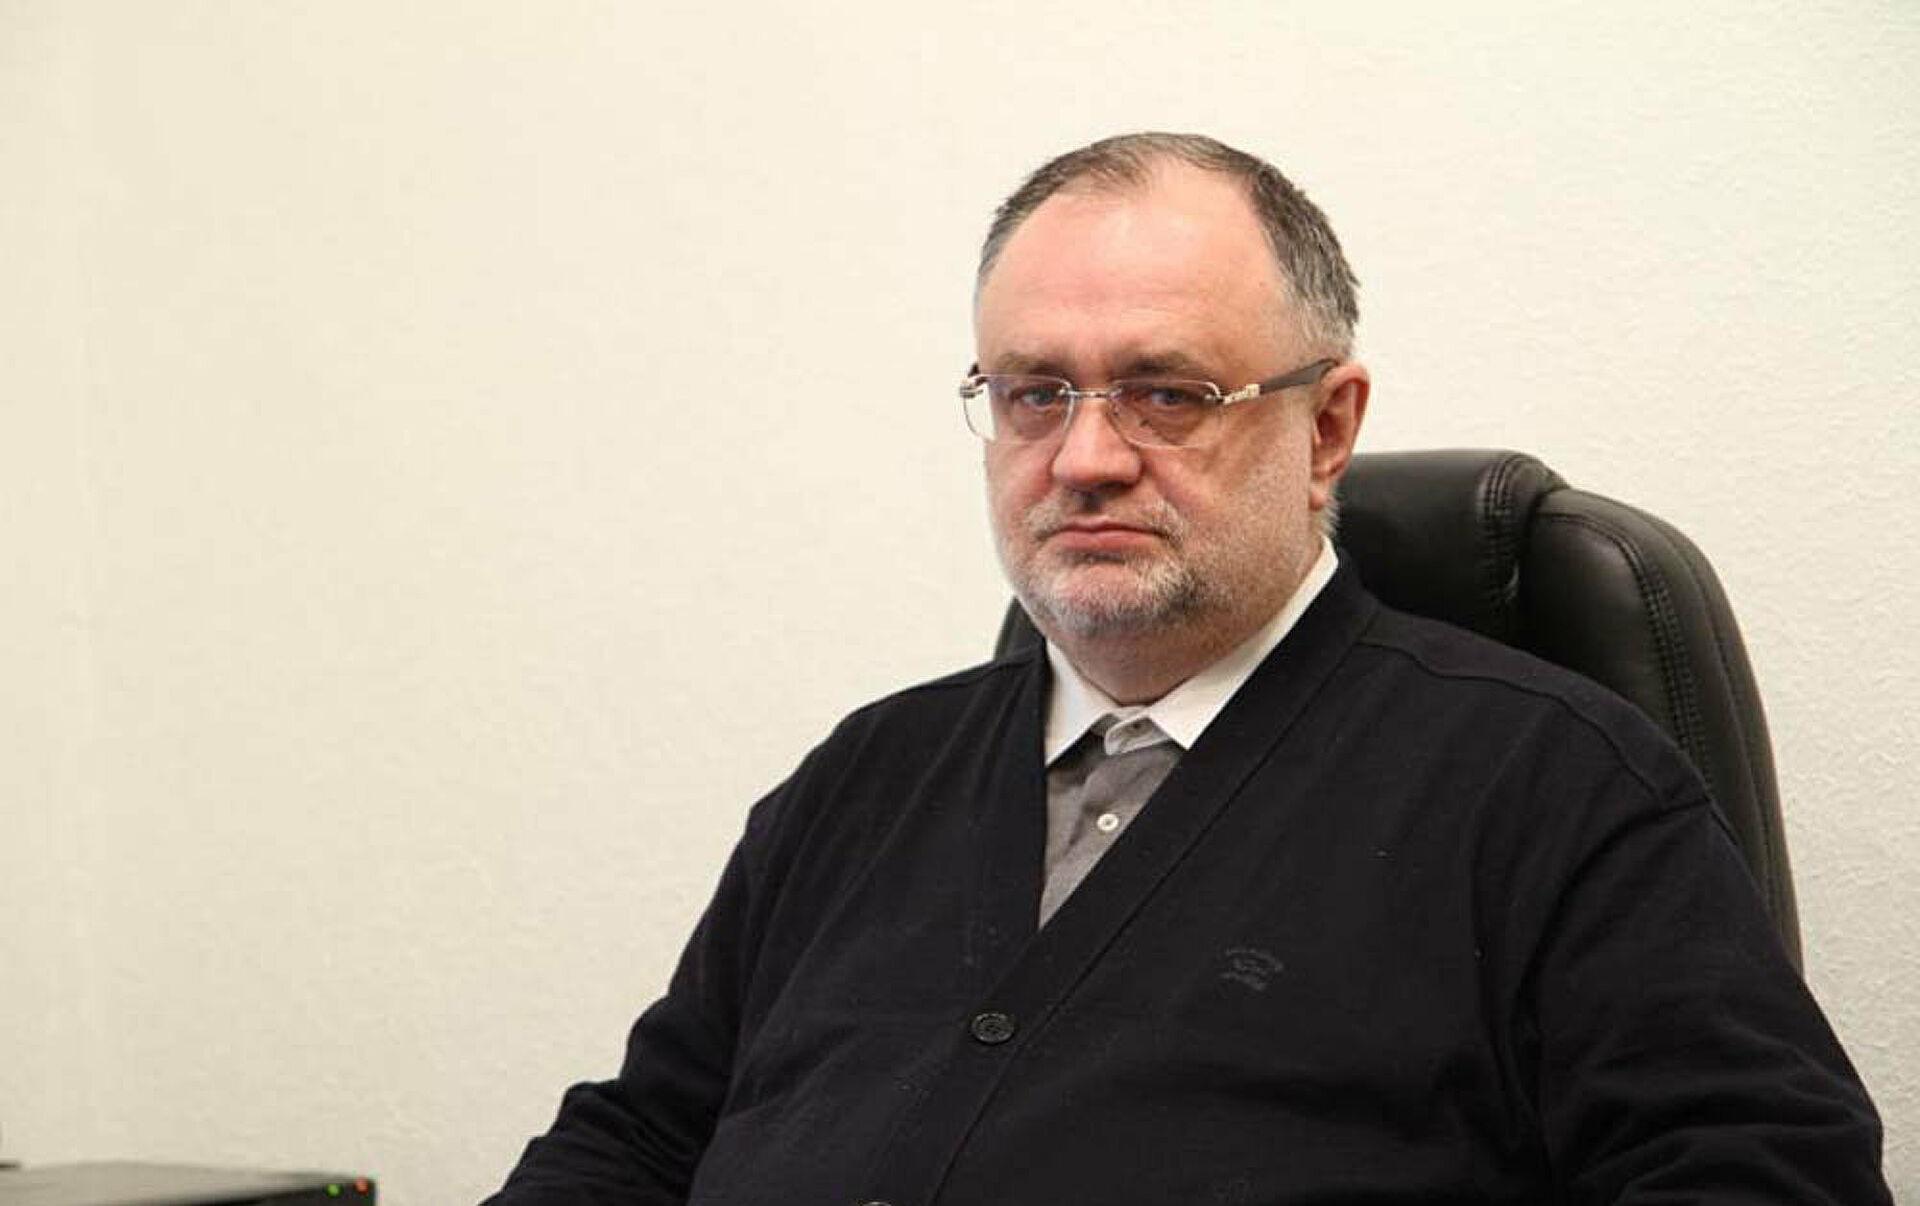 Али Полосин: мусульмане заявляют свою гражданскую позицию